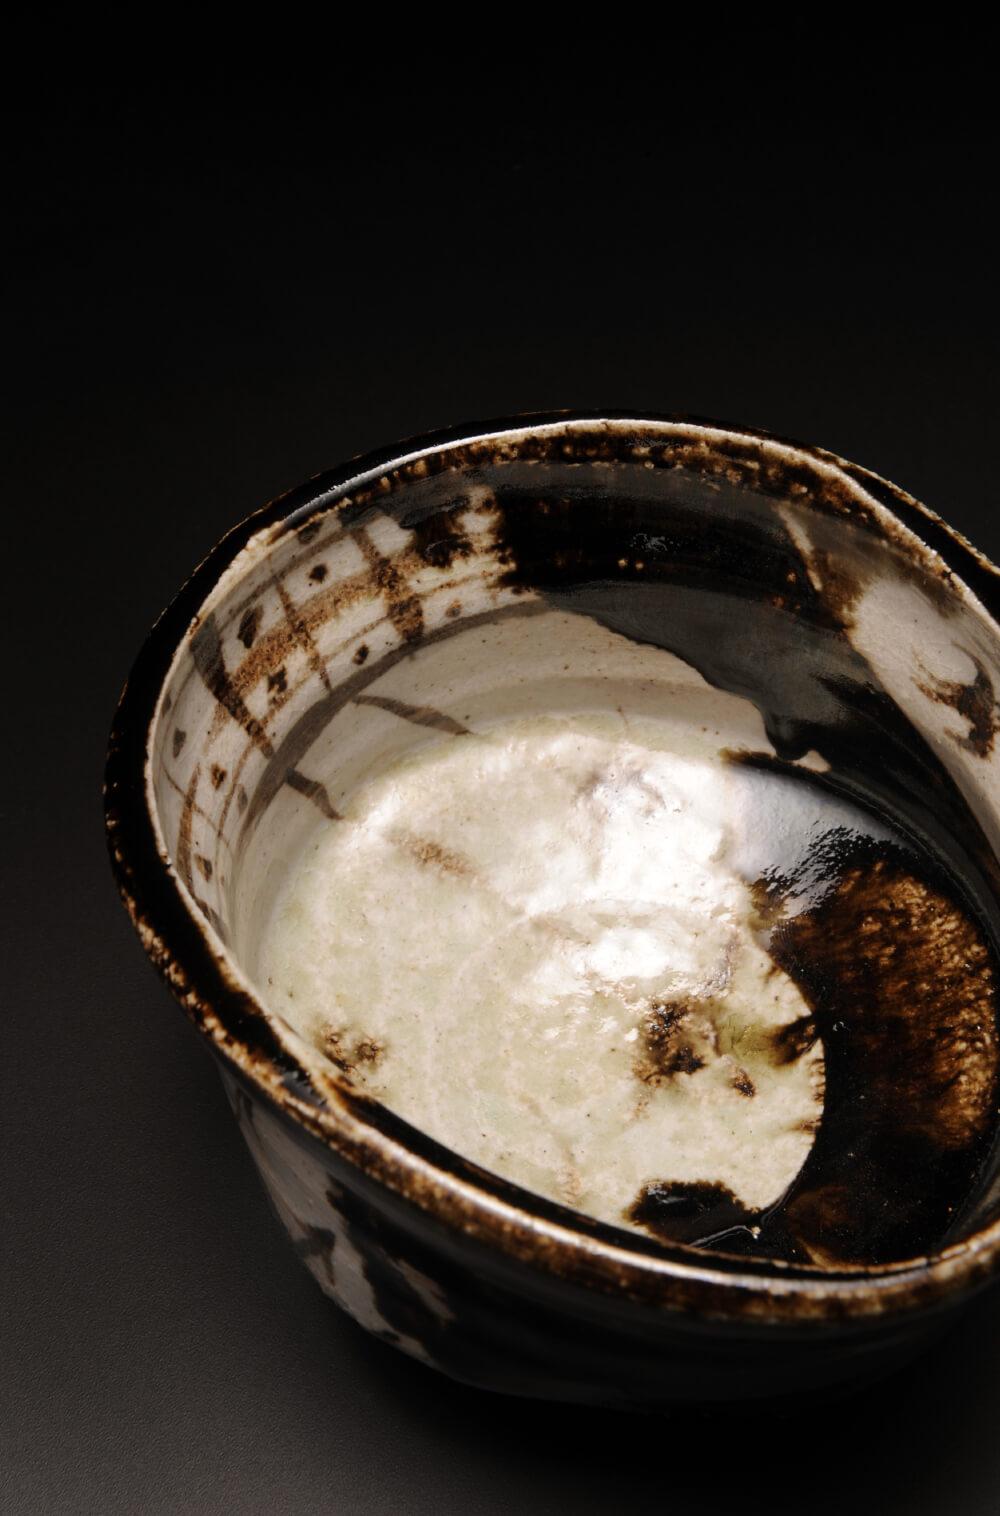 2015年9月12日から開催の「織部の息吹 寺田 鉄平 陶展」の作品1を上から見た写真2